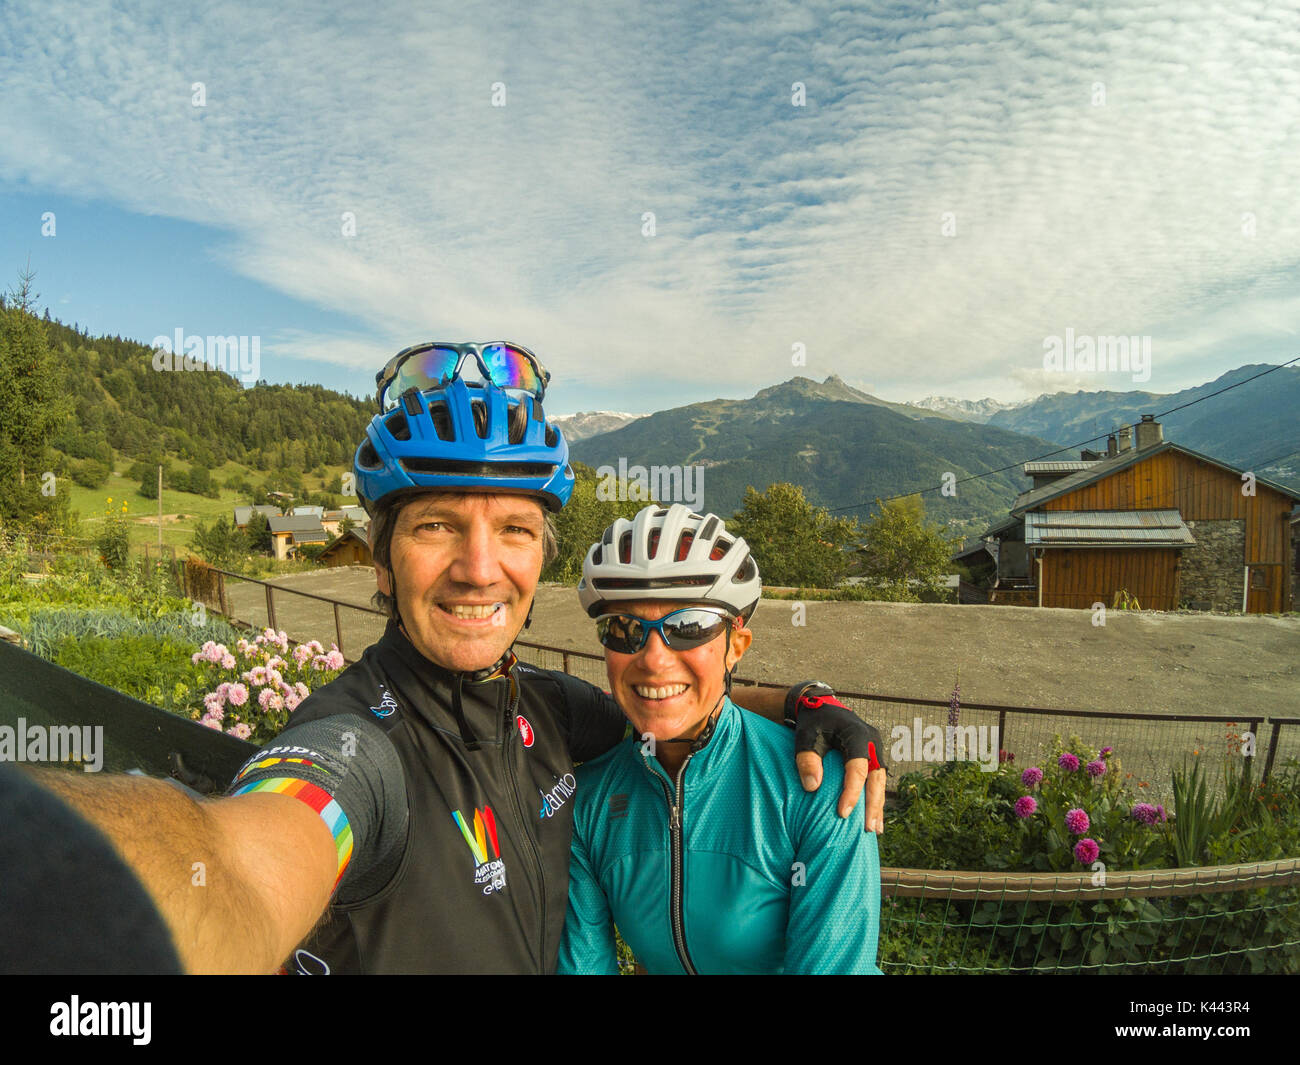 Escursioni in bicicletta sulle montagne delle Alpi giovane ciclisti Selfie Bike bikewear caschi ciclo su occhiali da sole paesaggio panoramico vista sulla valle di pattern di nuvole Immagini Stock